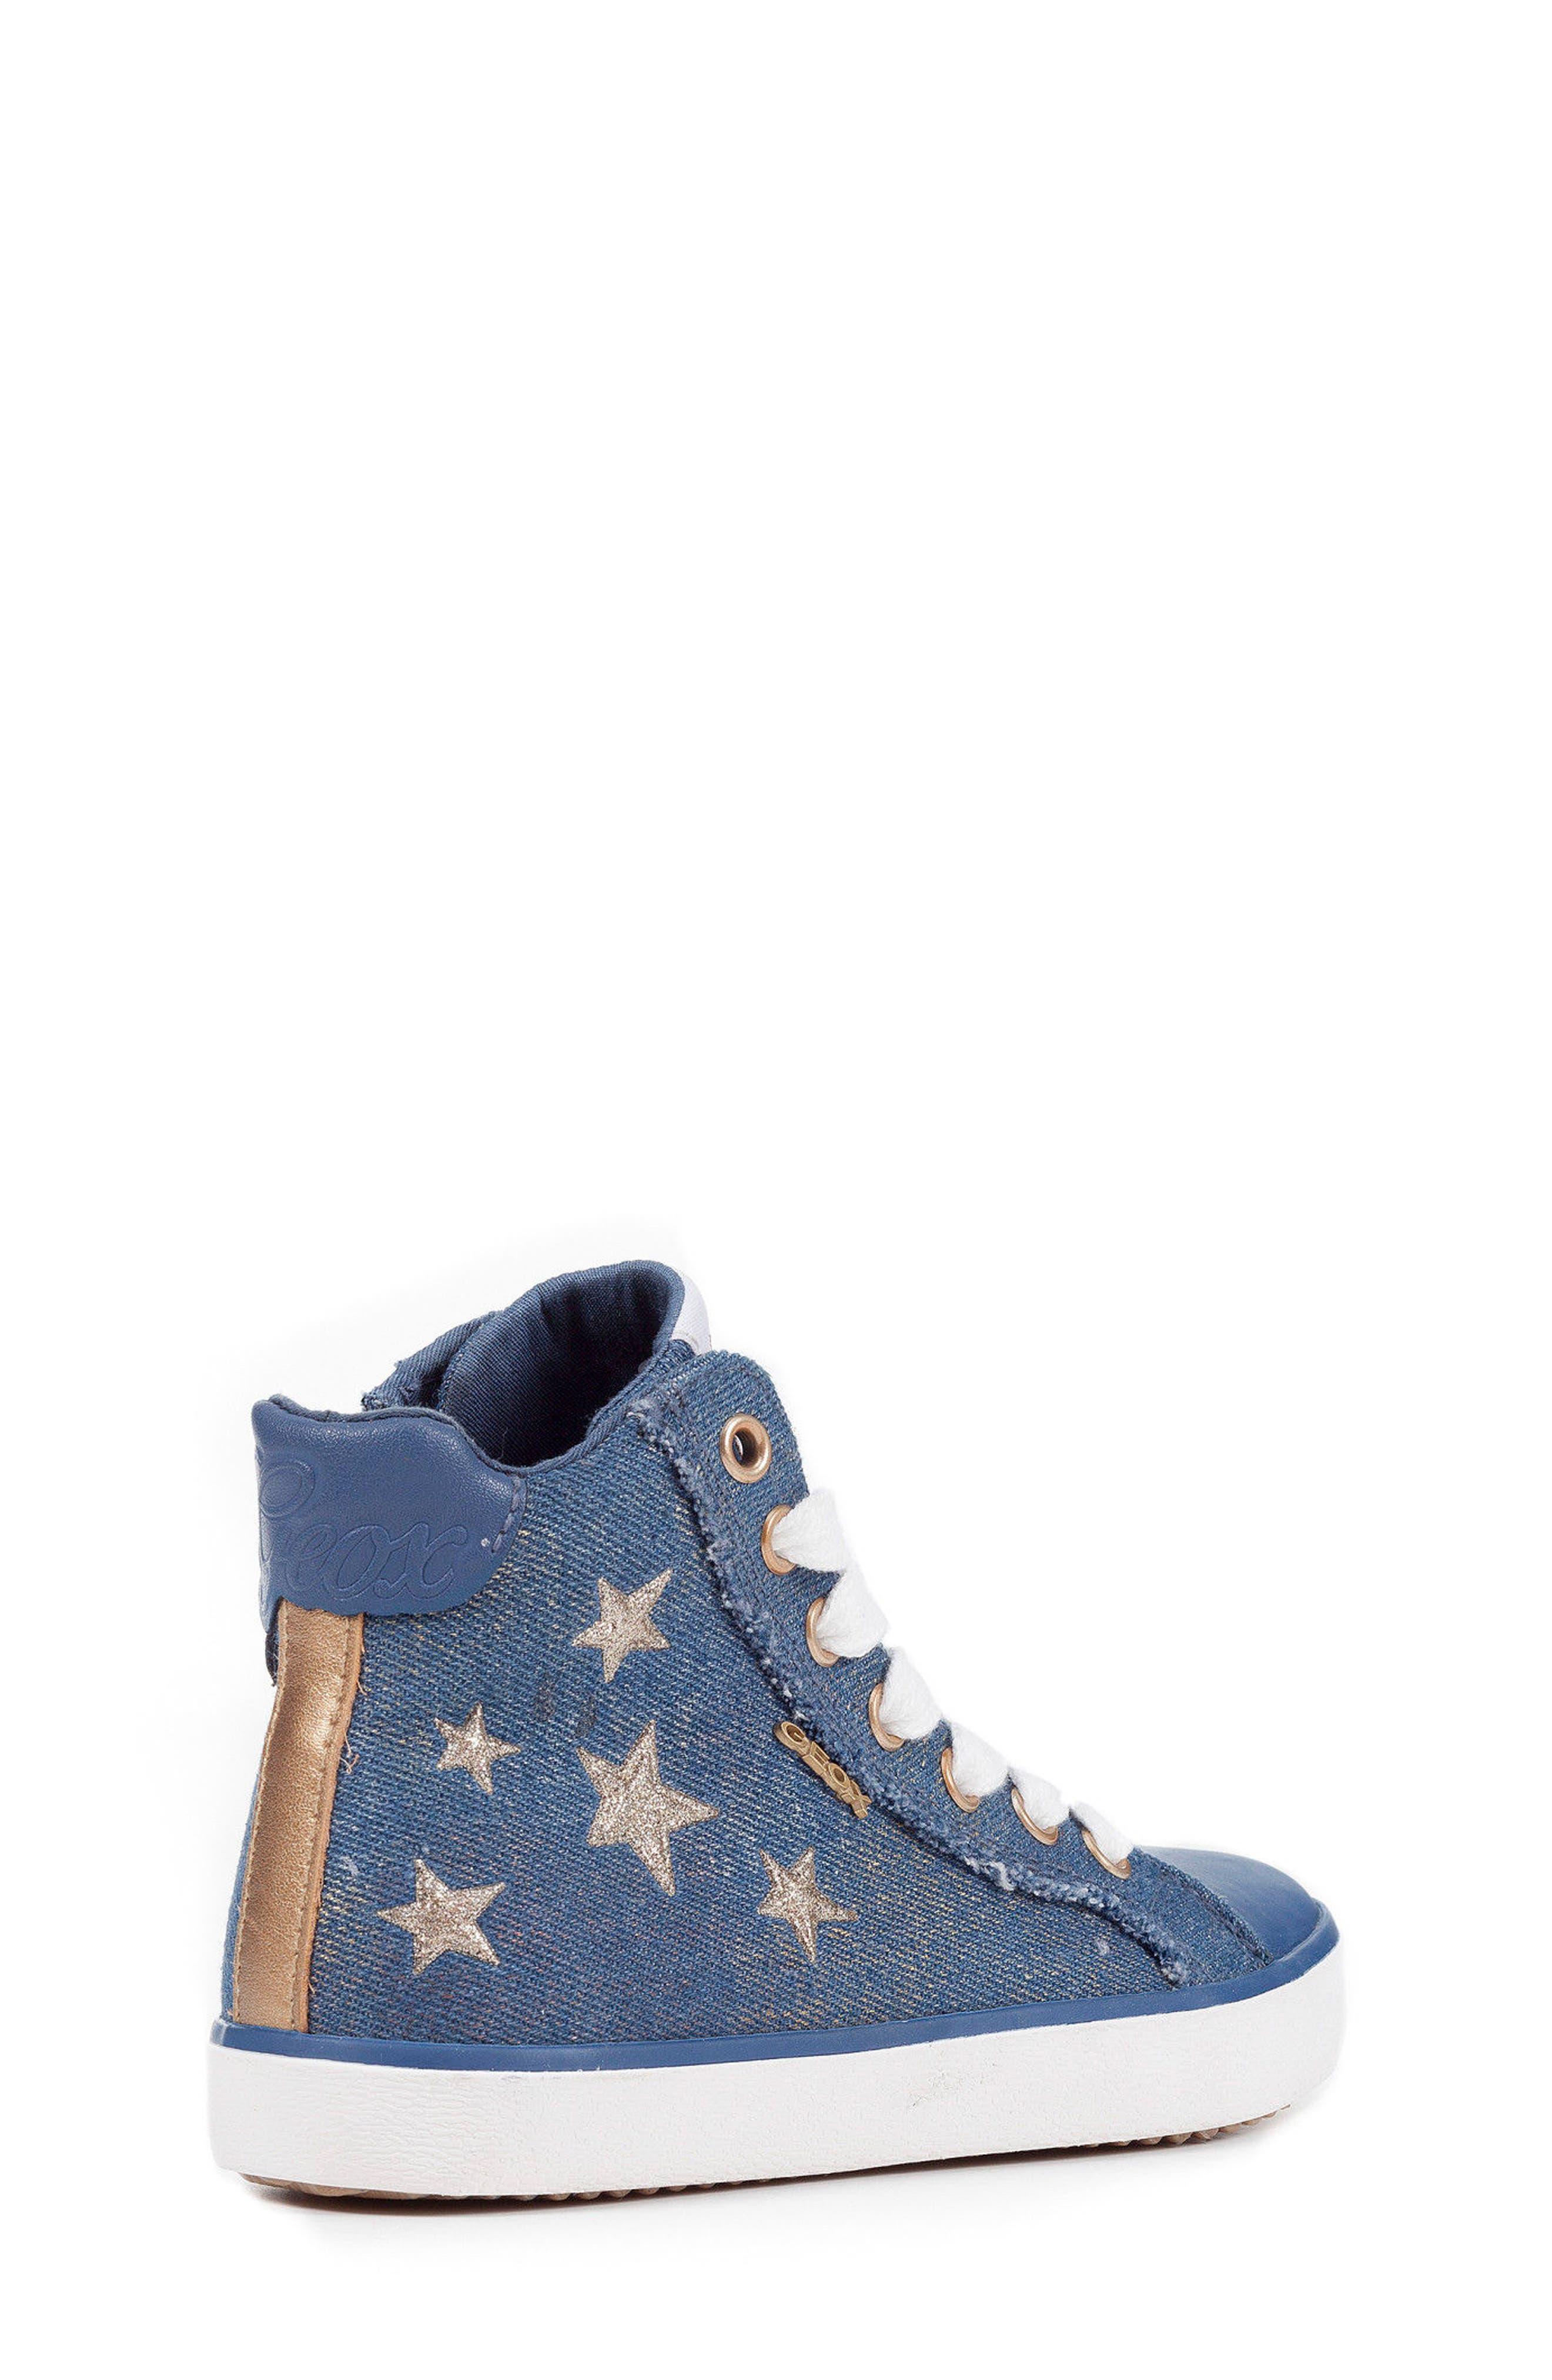 Kilwi High Top Zip Sneaker,                             Alternate thumbnail 2, color,                             Avio